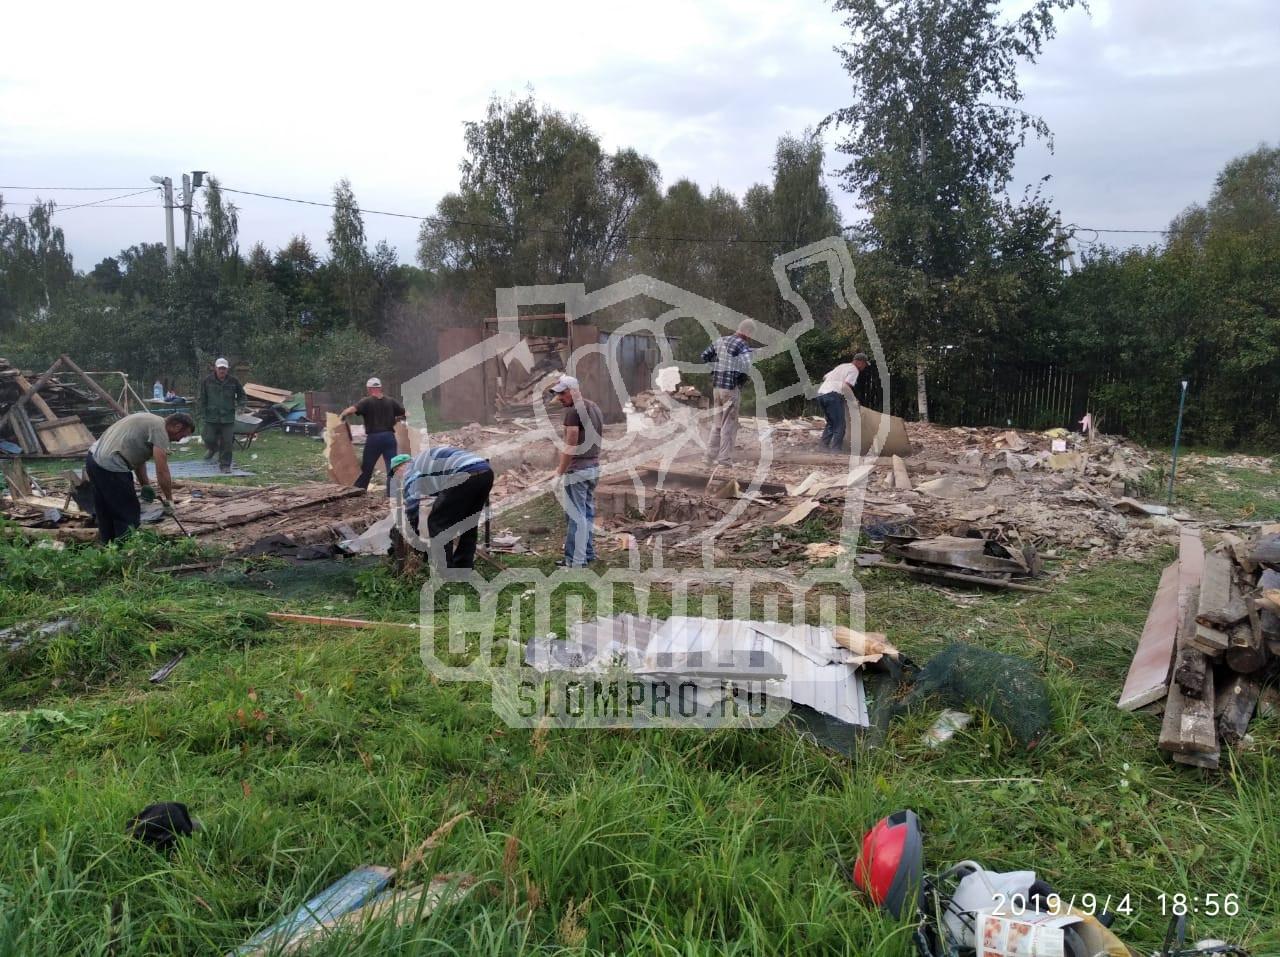 Сбор мусора при демонтаже деревянных построек